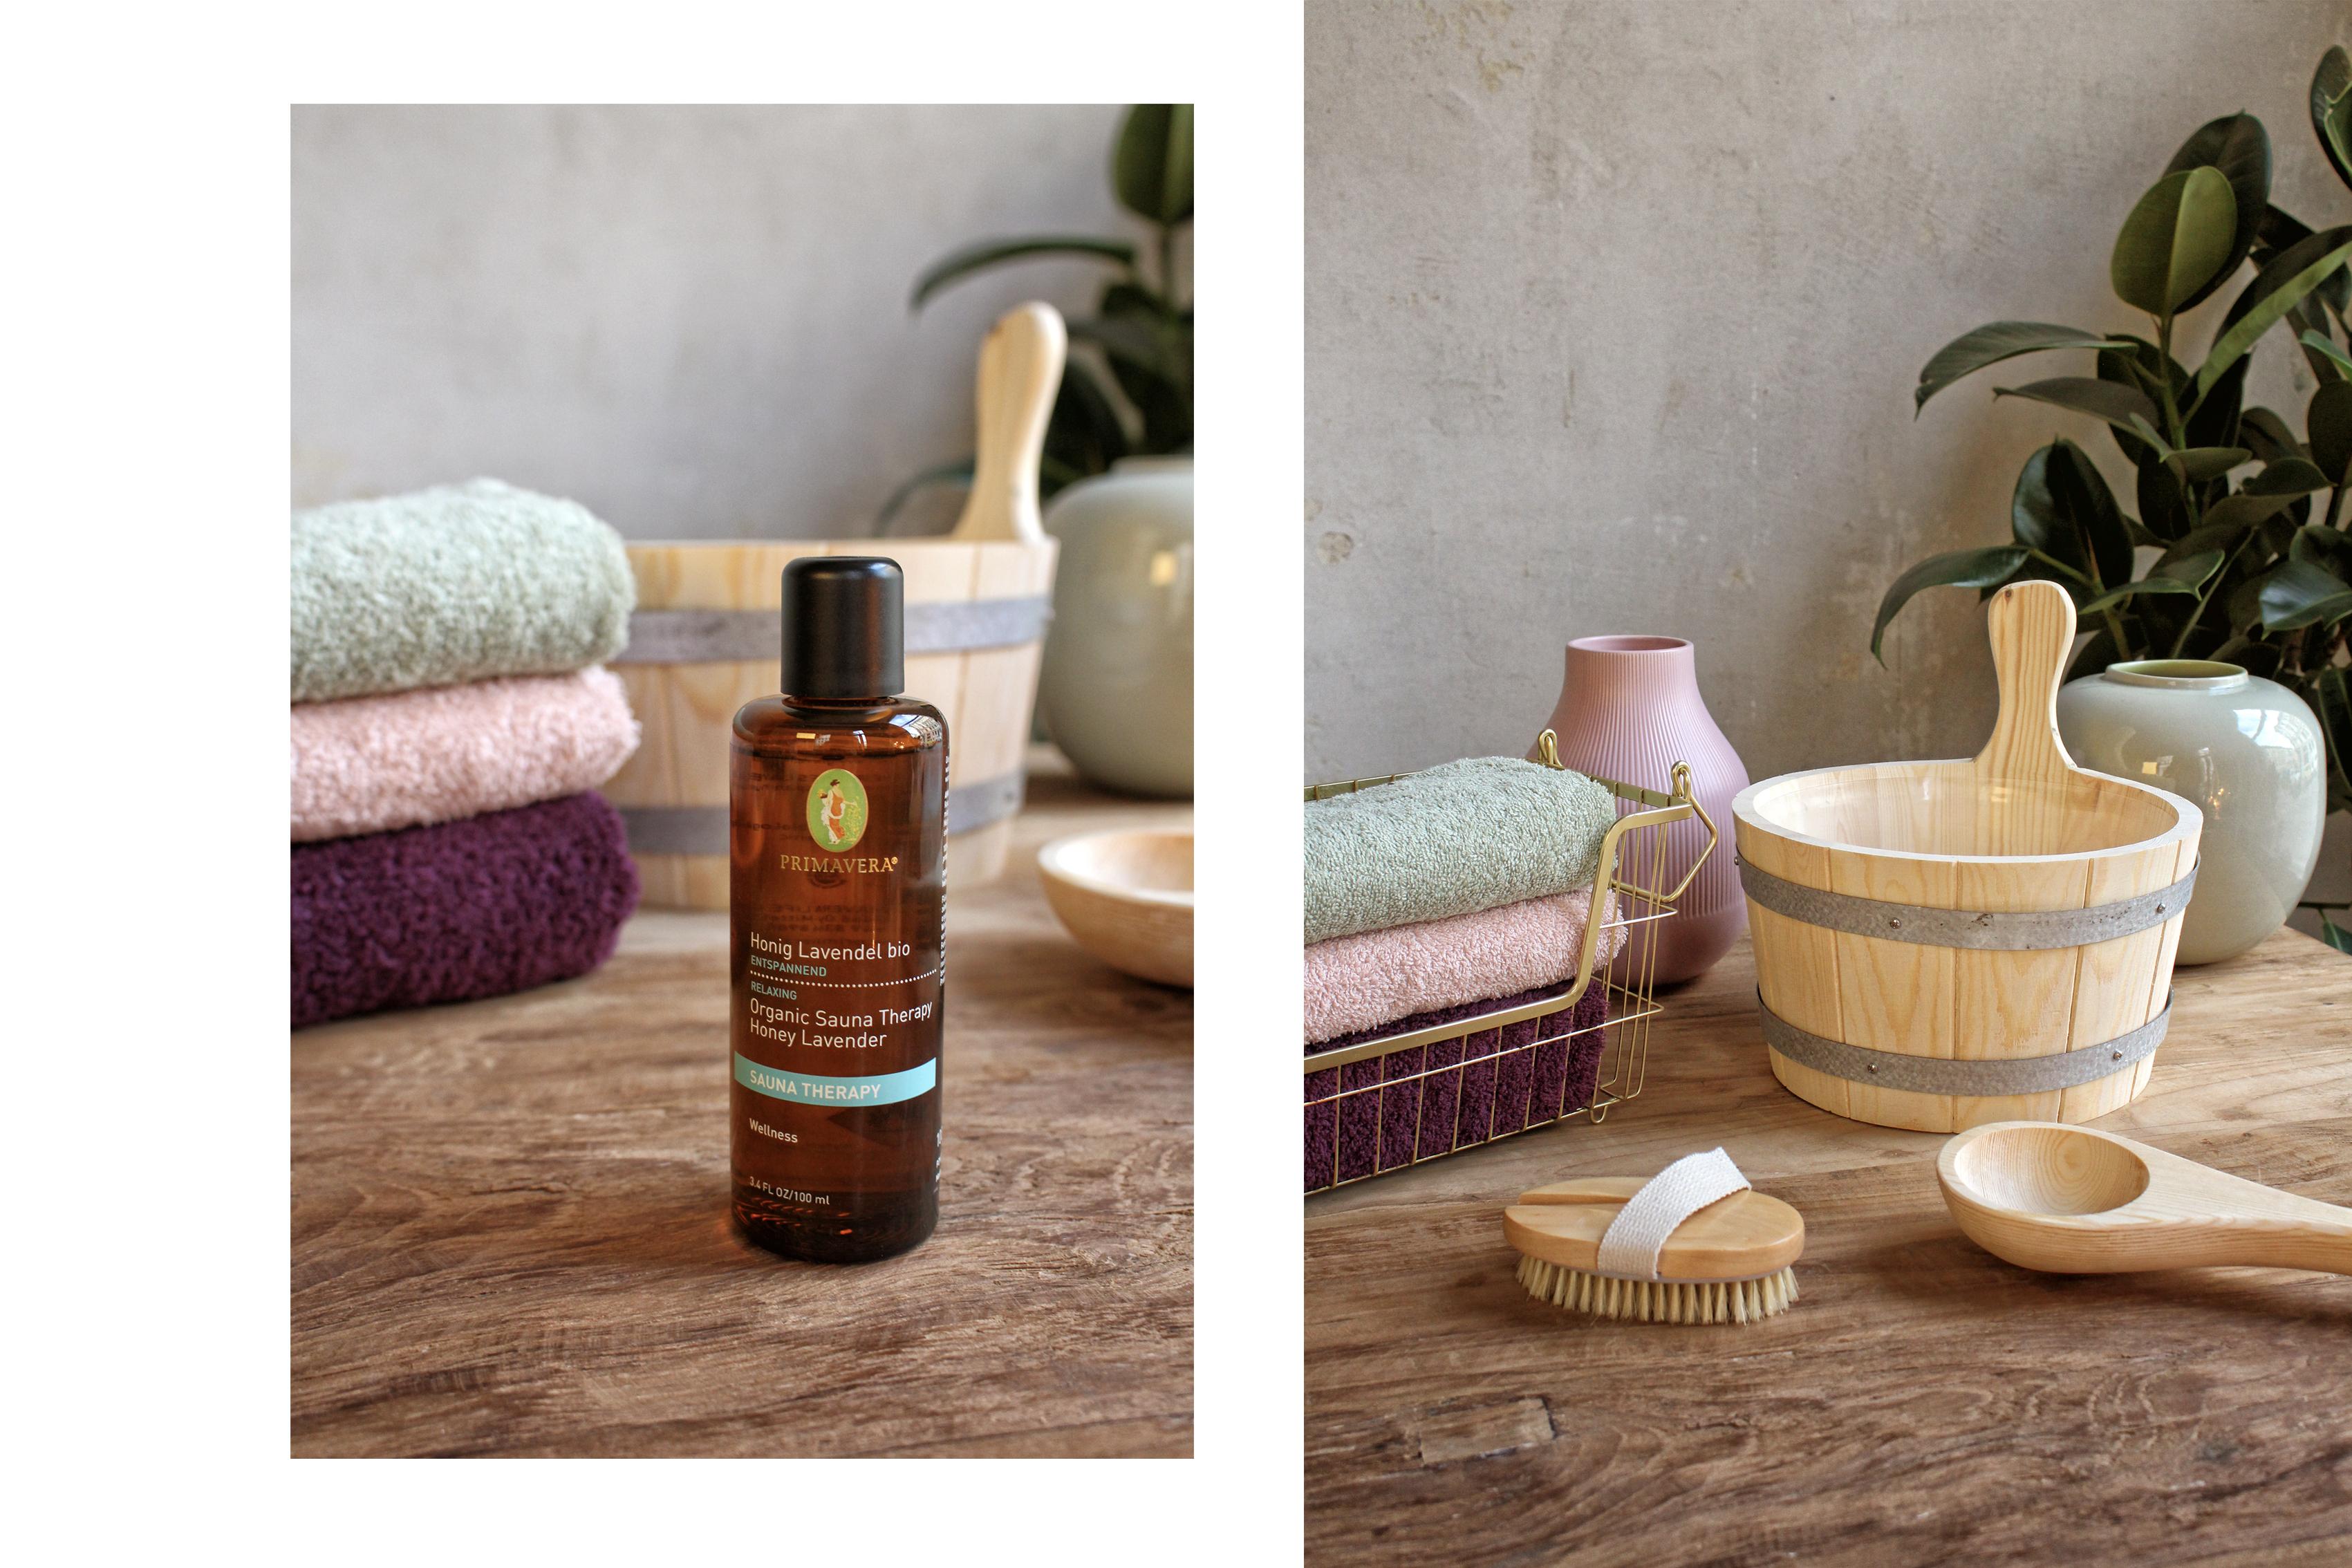 Primavera Sauna Aufguss Honig Lavendel bio